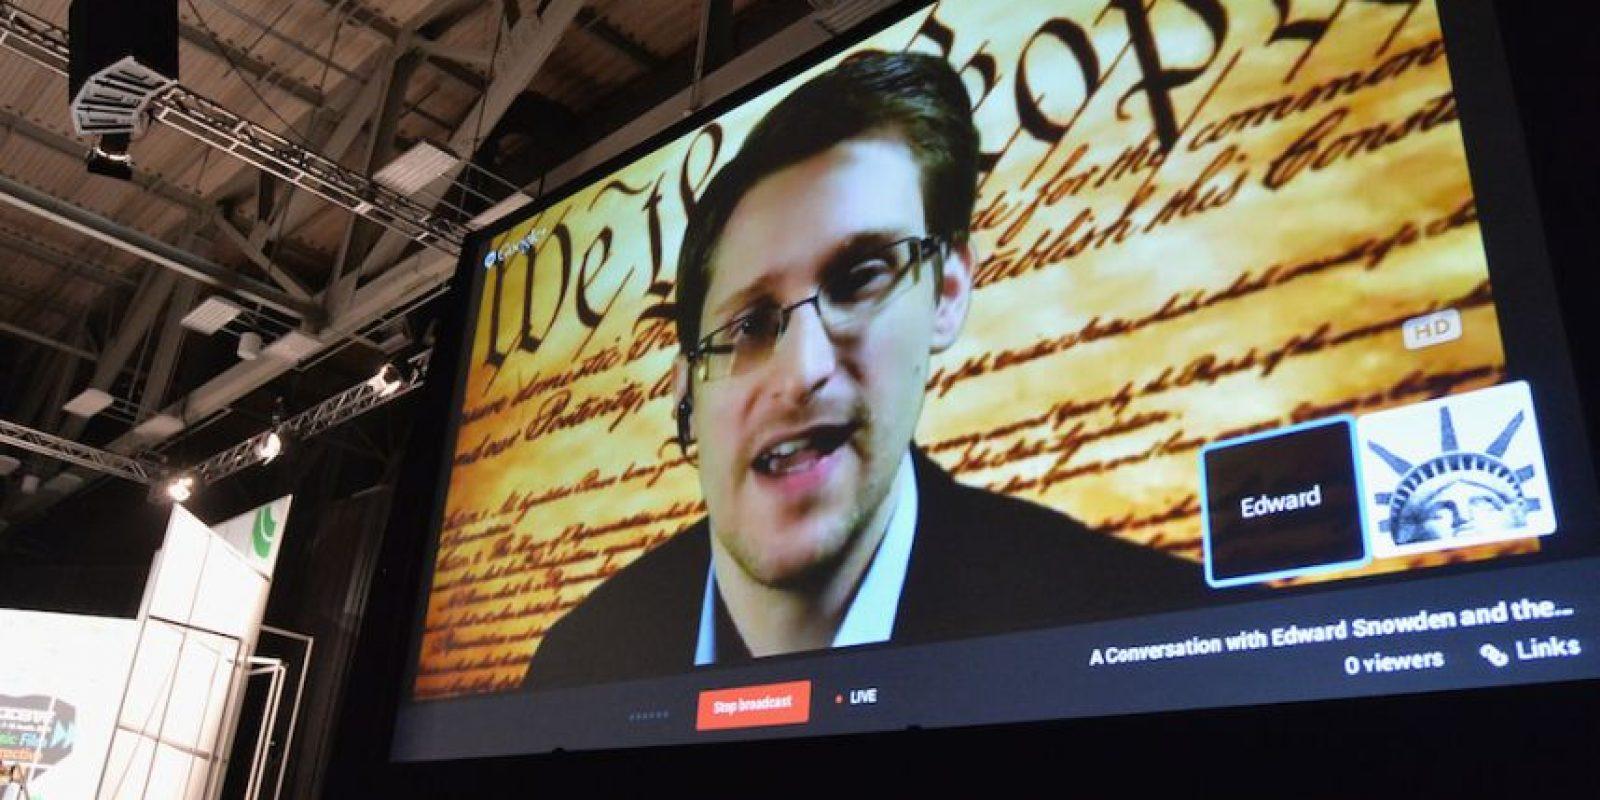 En agosto de 2014,El filtrador de la NSA Edward Snowden reveló que el gobierno deEstados Unidos ha desarrollado MonsterMind, un programa de seguridaden línea que podría aniquilar cualquier ciberataques deformaautónoma y está equipado también con la capacidad de lanzarataques físicos. El software ha resultado ser polémico debido a queservidores de un ordenador que no participan en los ataquespotenciales tambiénpodría serblanco de ataques del programa. Foto:Getty Images